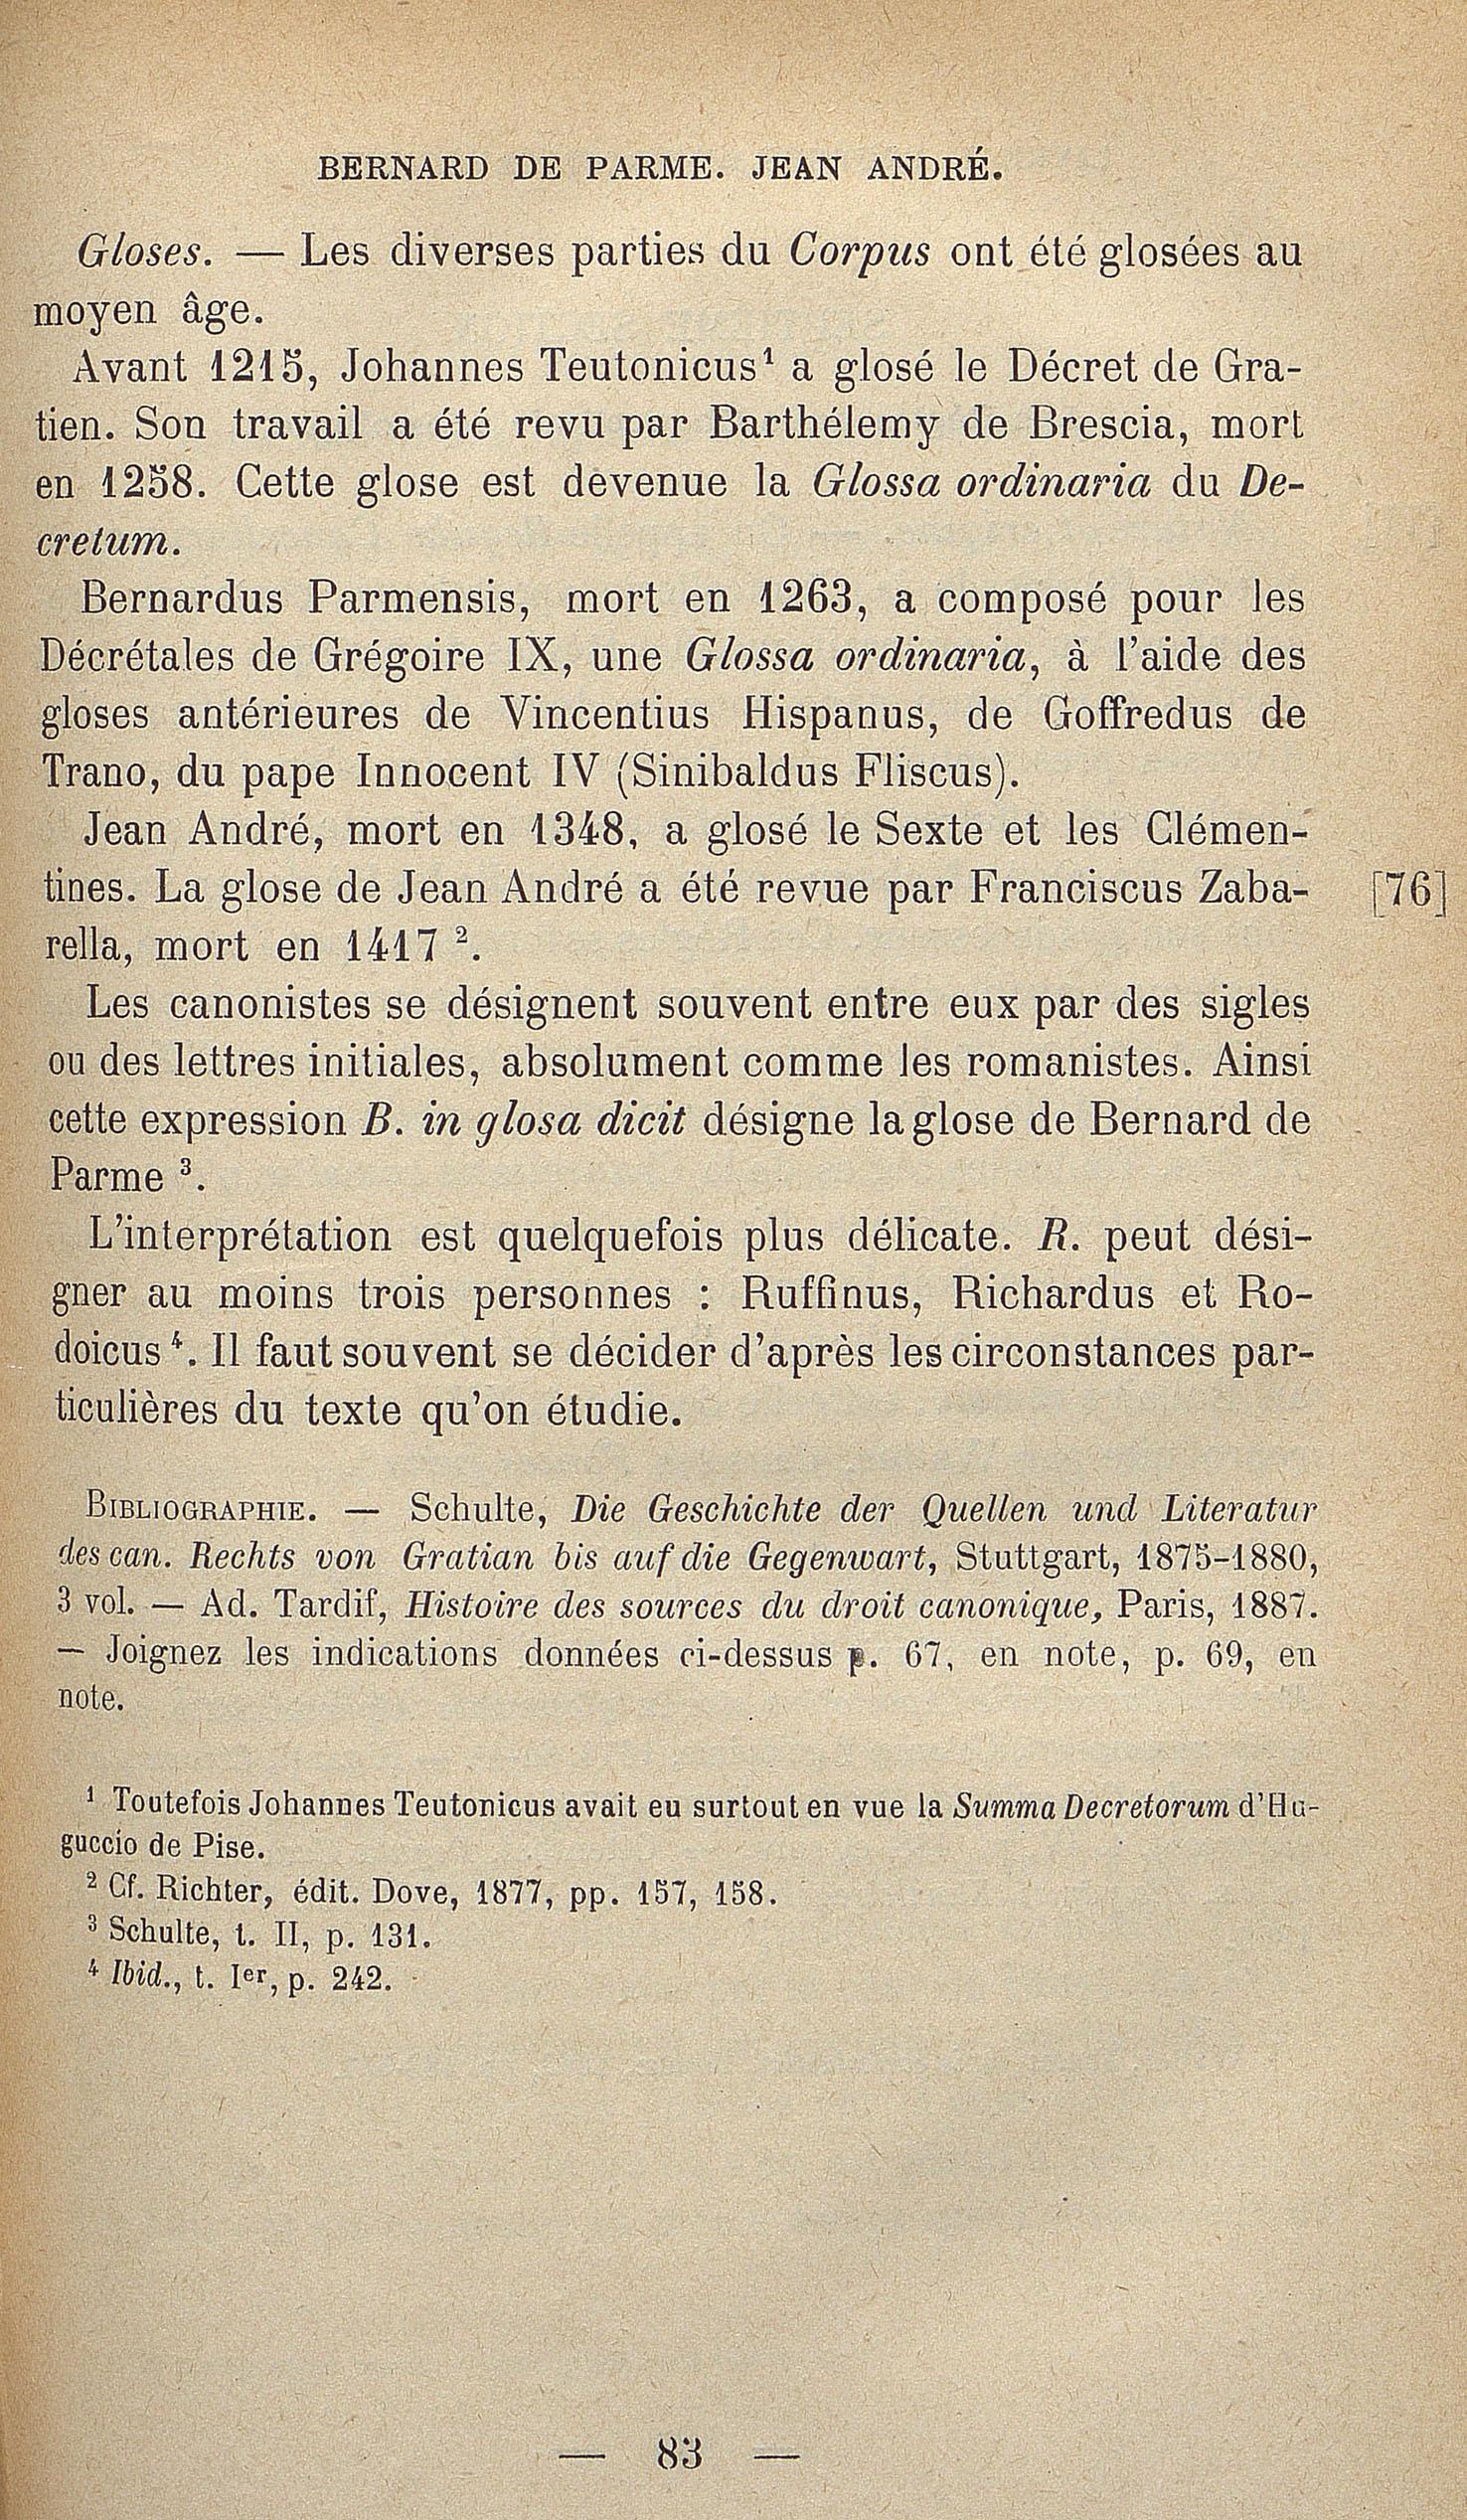 http://expo-paulviollet.univ-paris1.fr/wp-content/uploads/2016/02/0605121670_0093.jpg